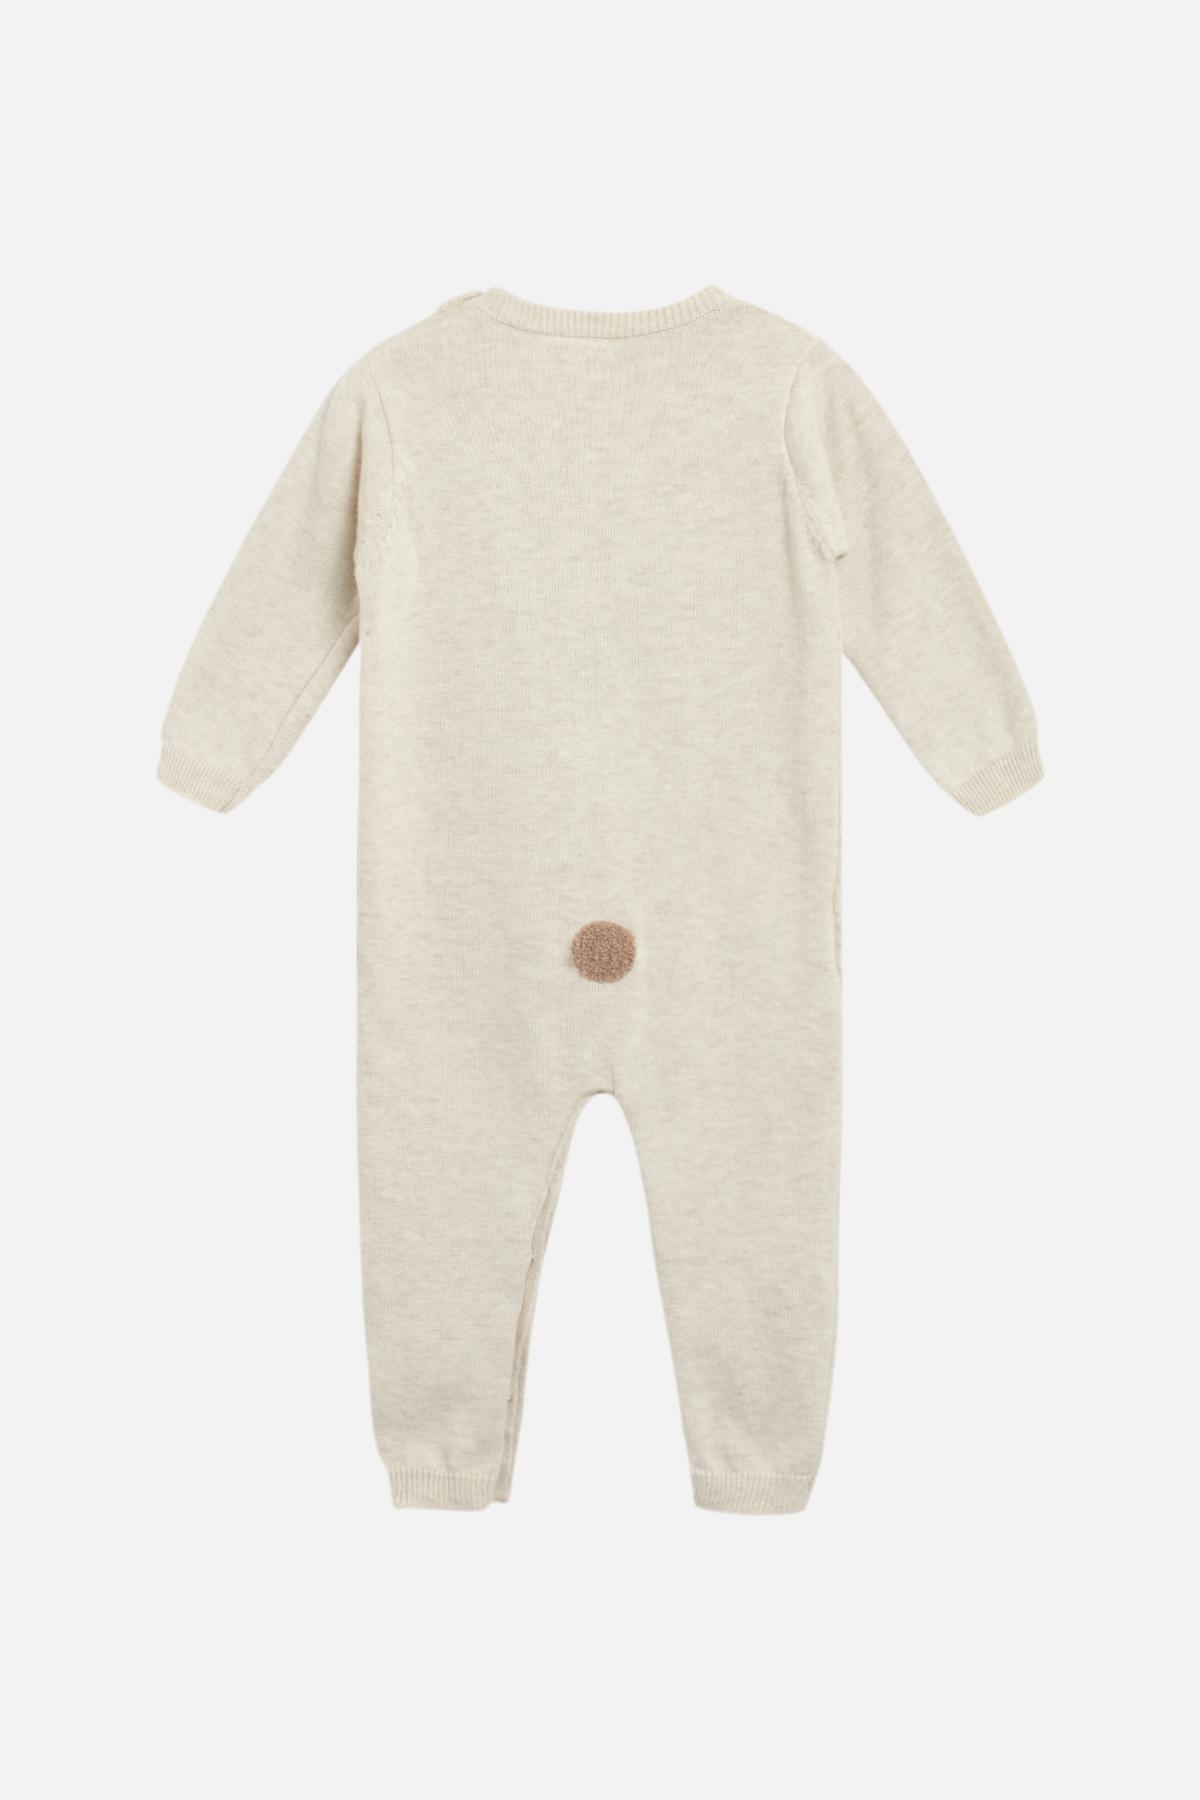 Newborn - Manly - Jumpsuit